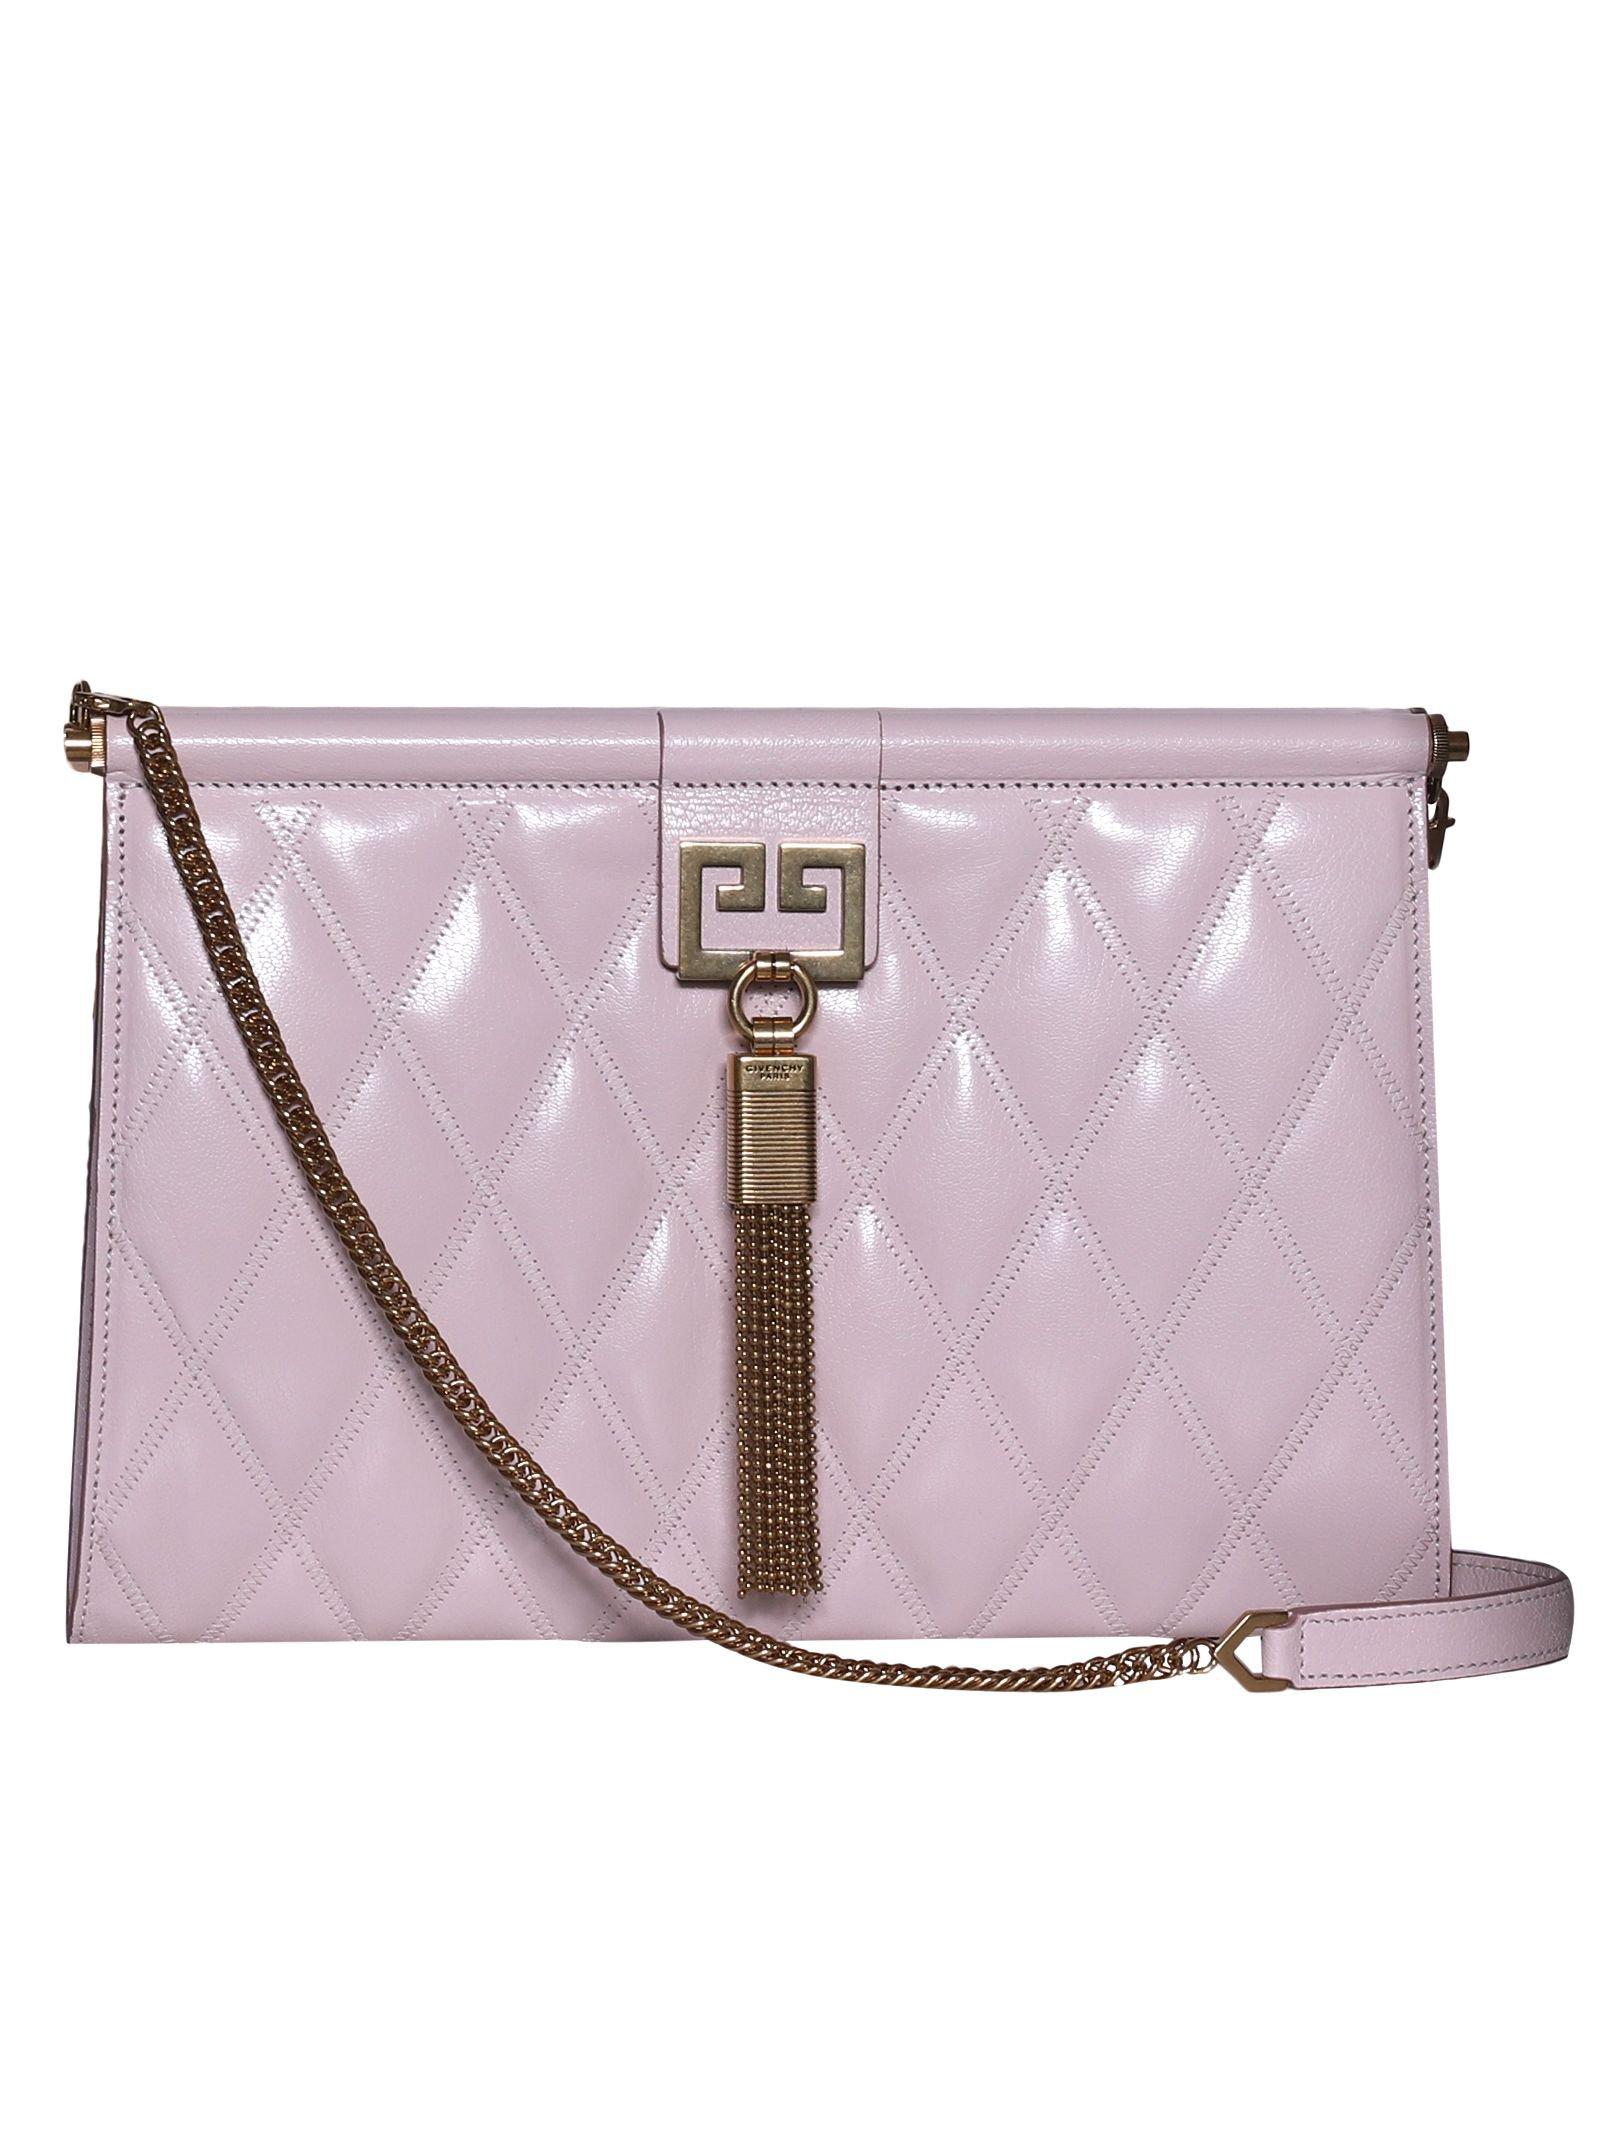 Givenchy Quilted Shoulder Bag